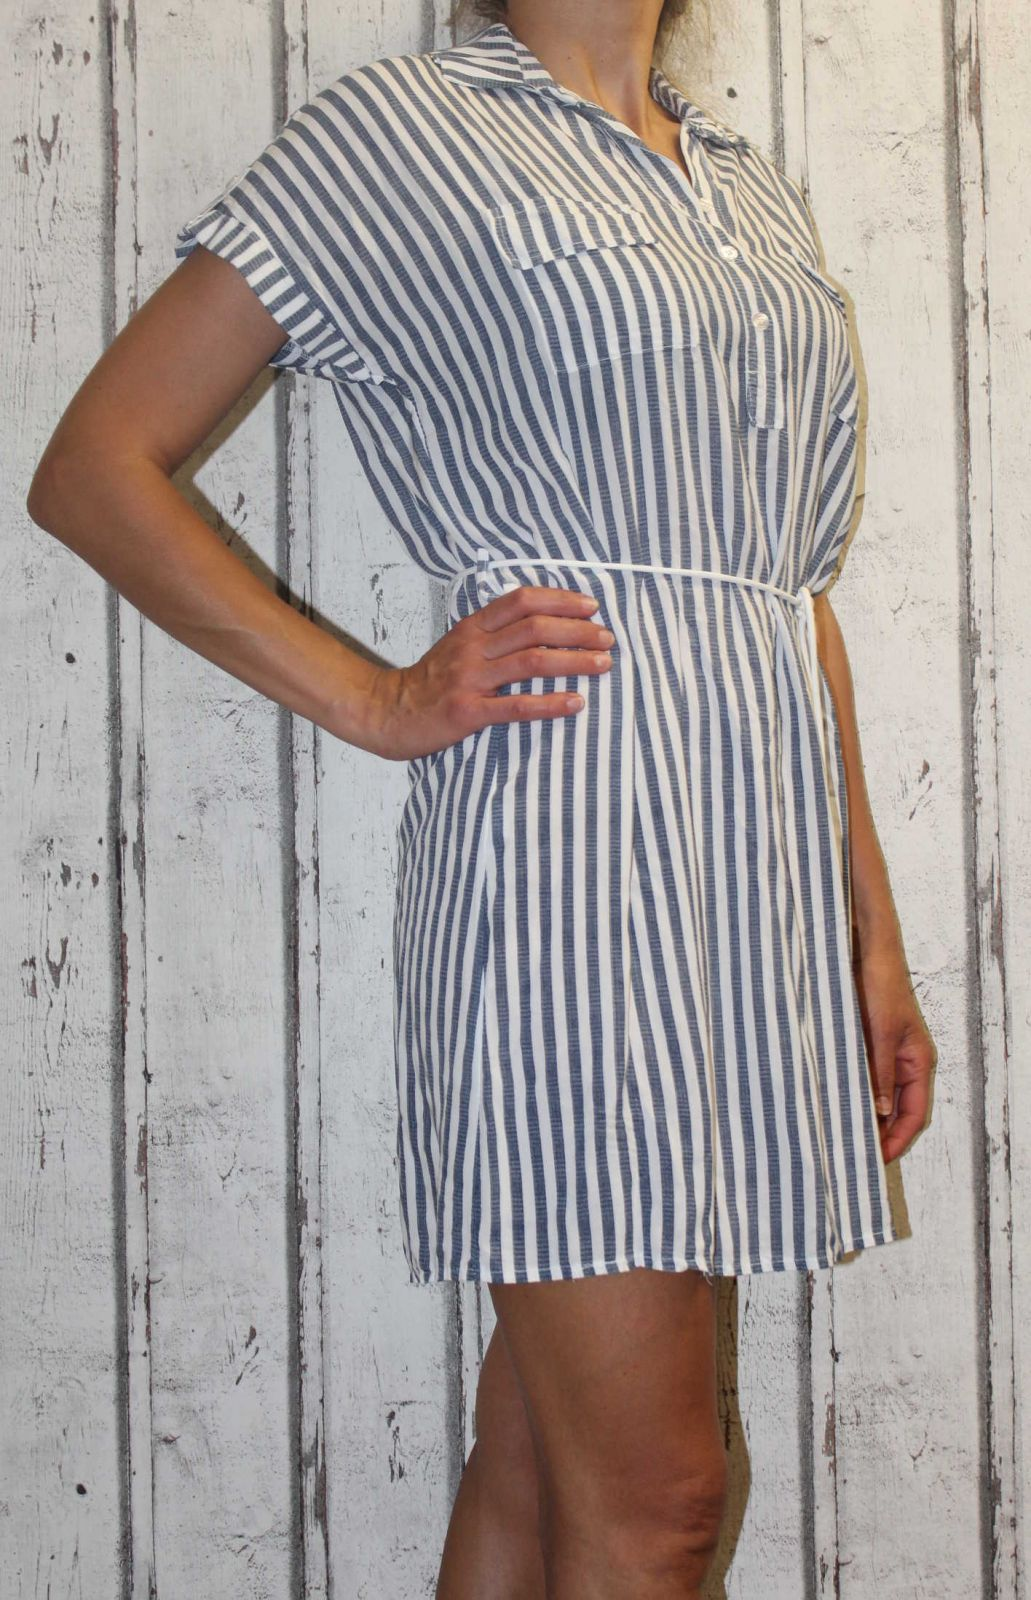 Dámské košilové šaty dámská dlouhá košile dámská košilová tunika lehká dlouhá košile košilové šaty Italy Moda